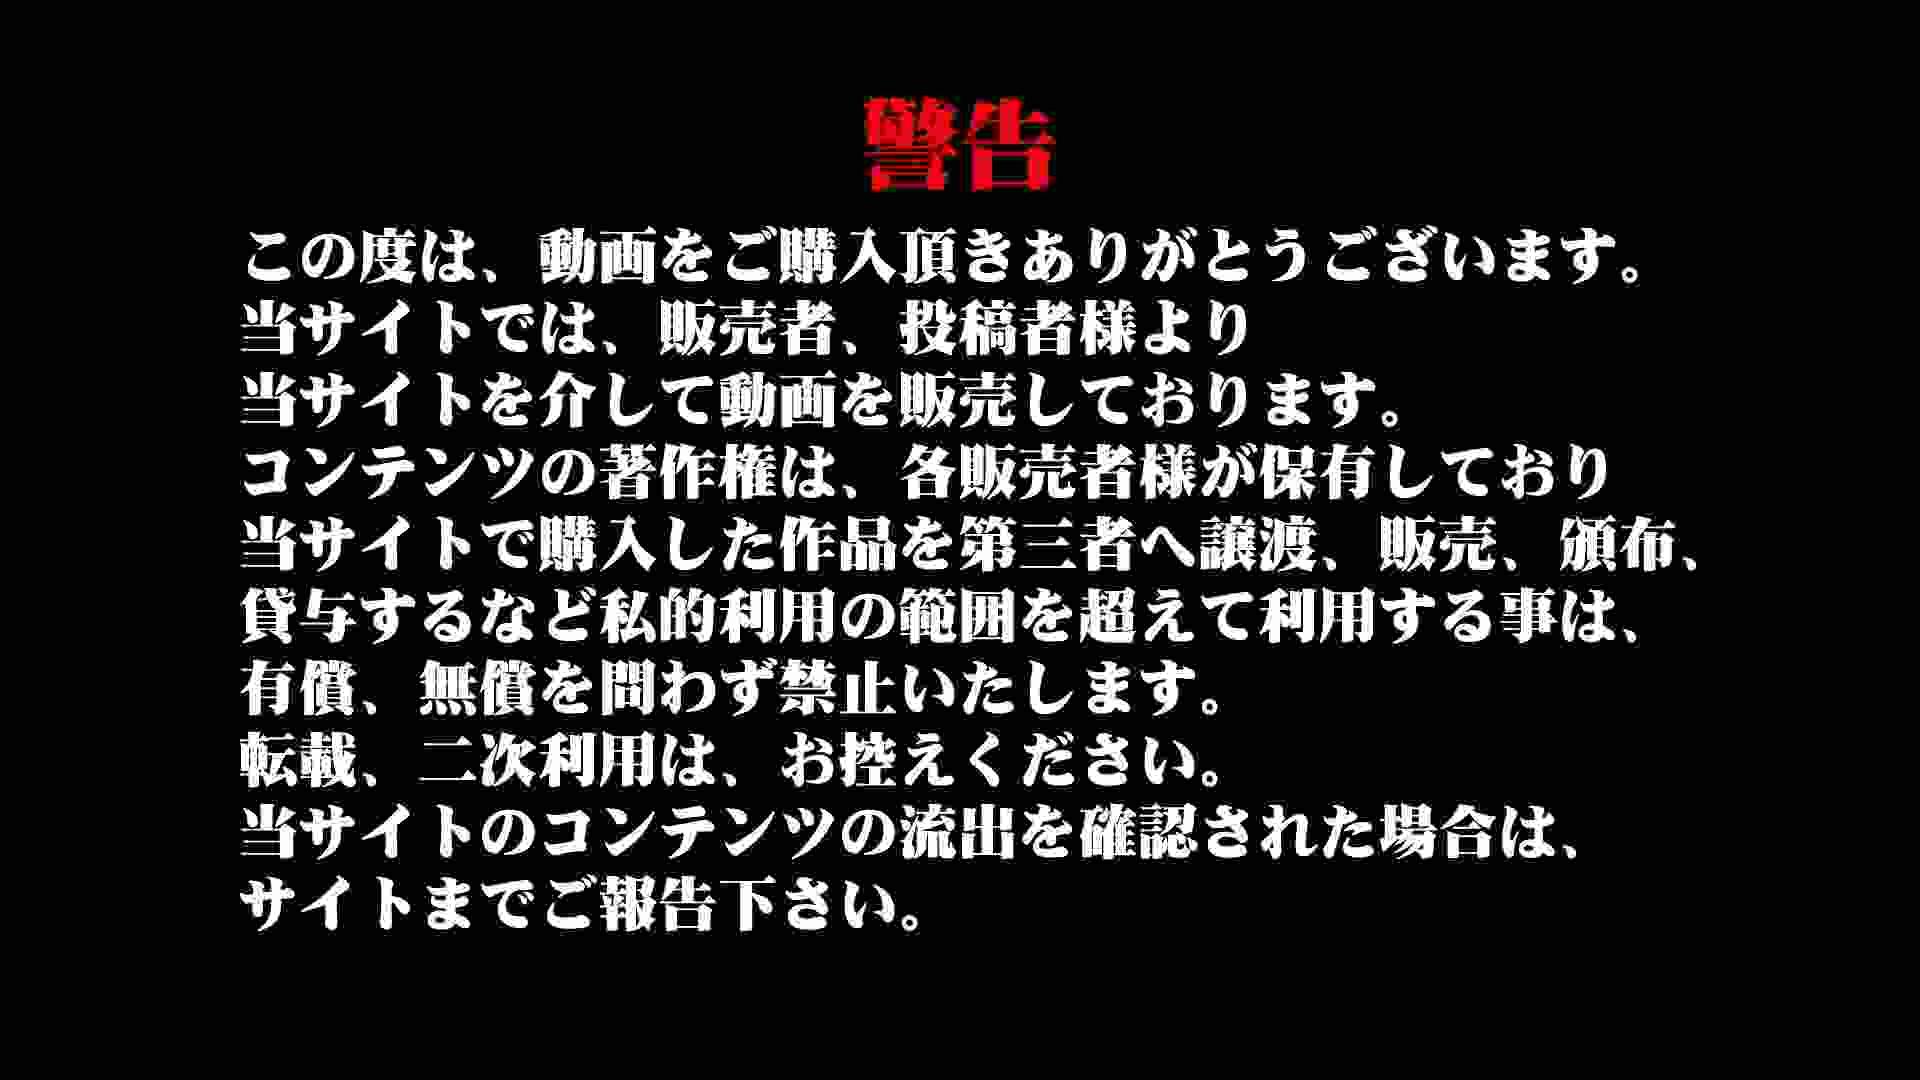 Aquaな露天風呂Vol.927 OLのエロ生活  89連発 33